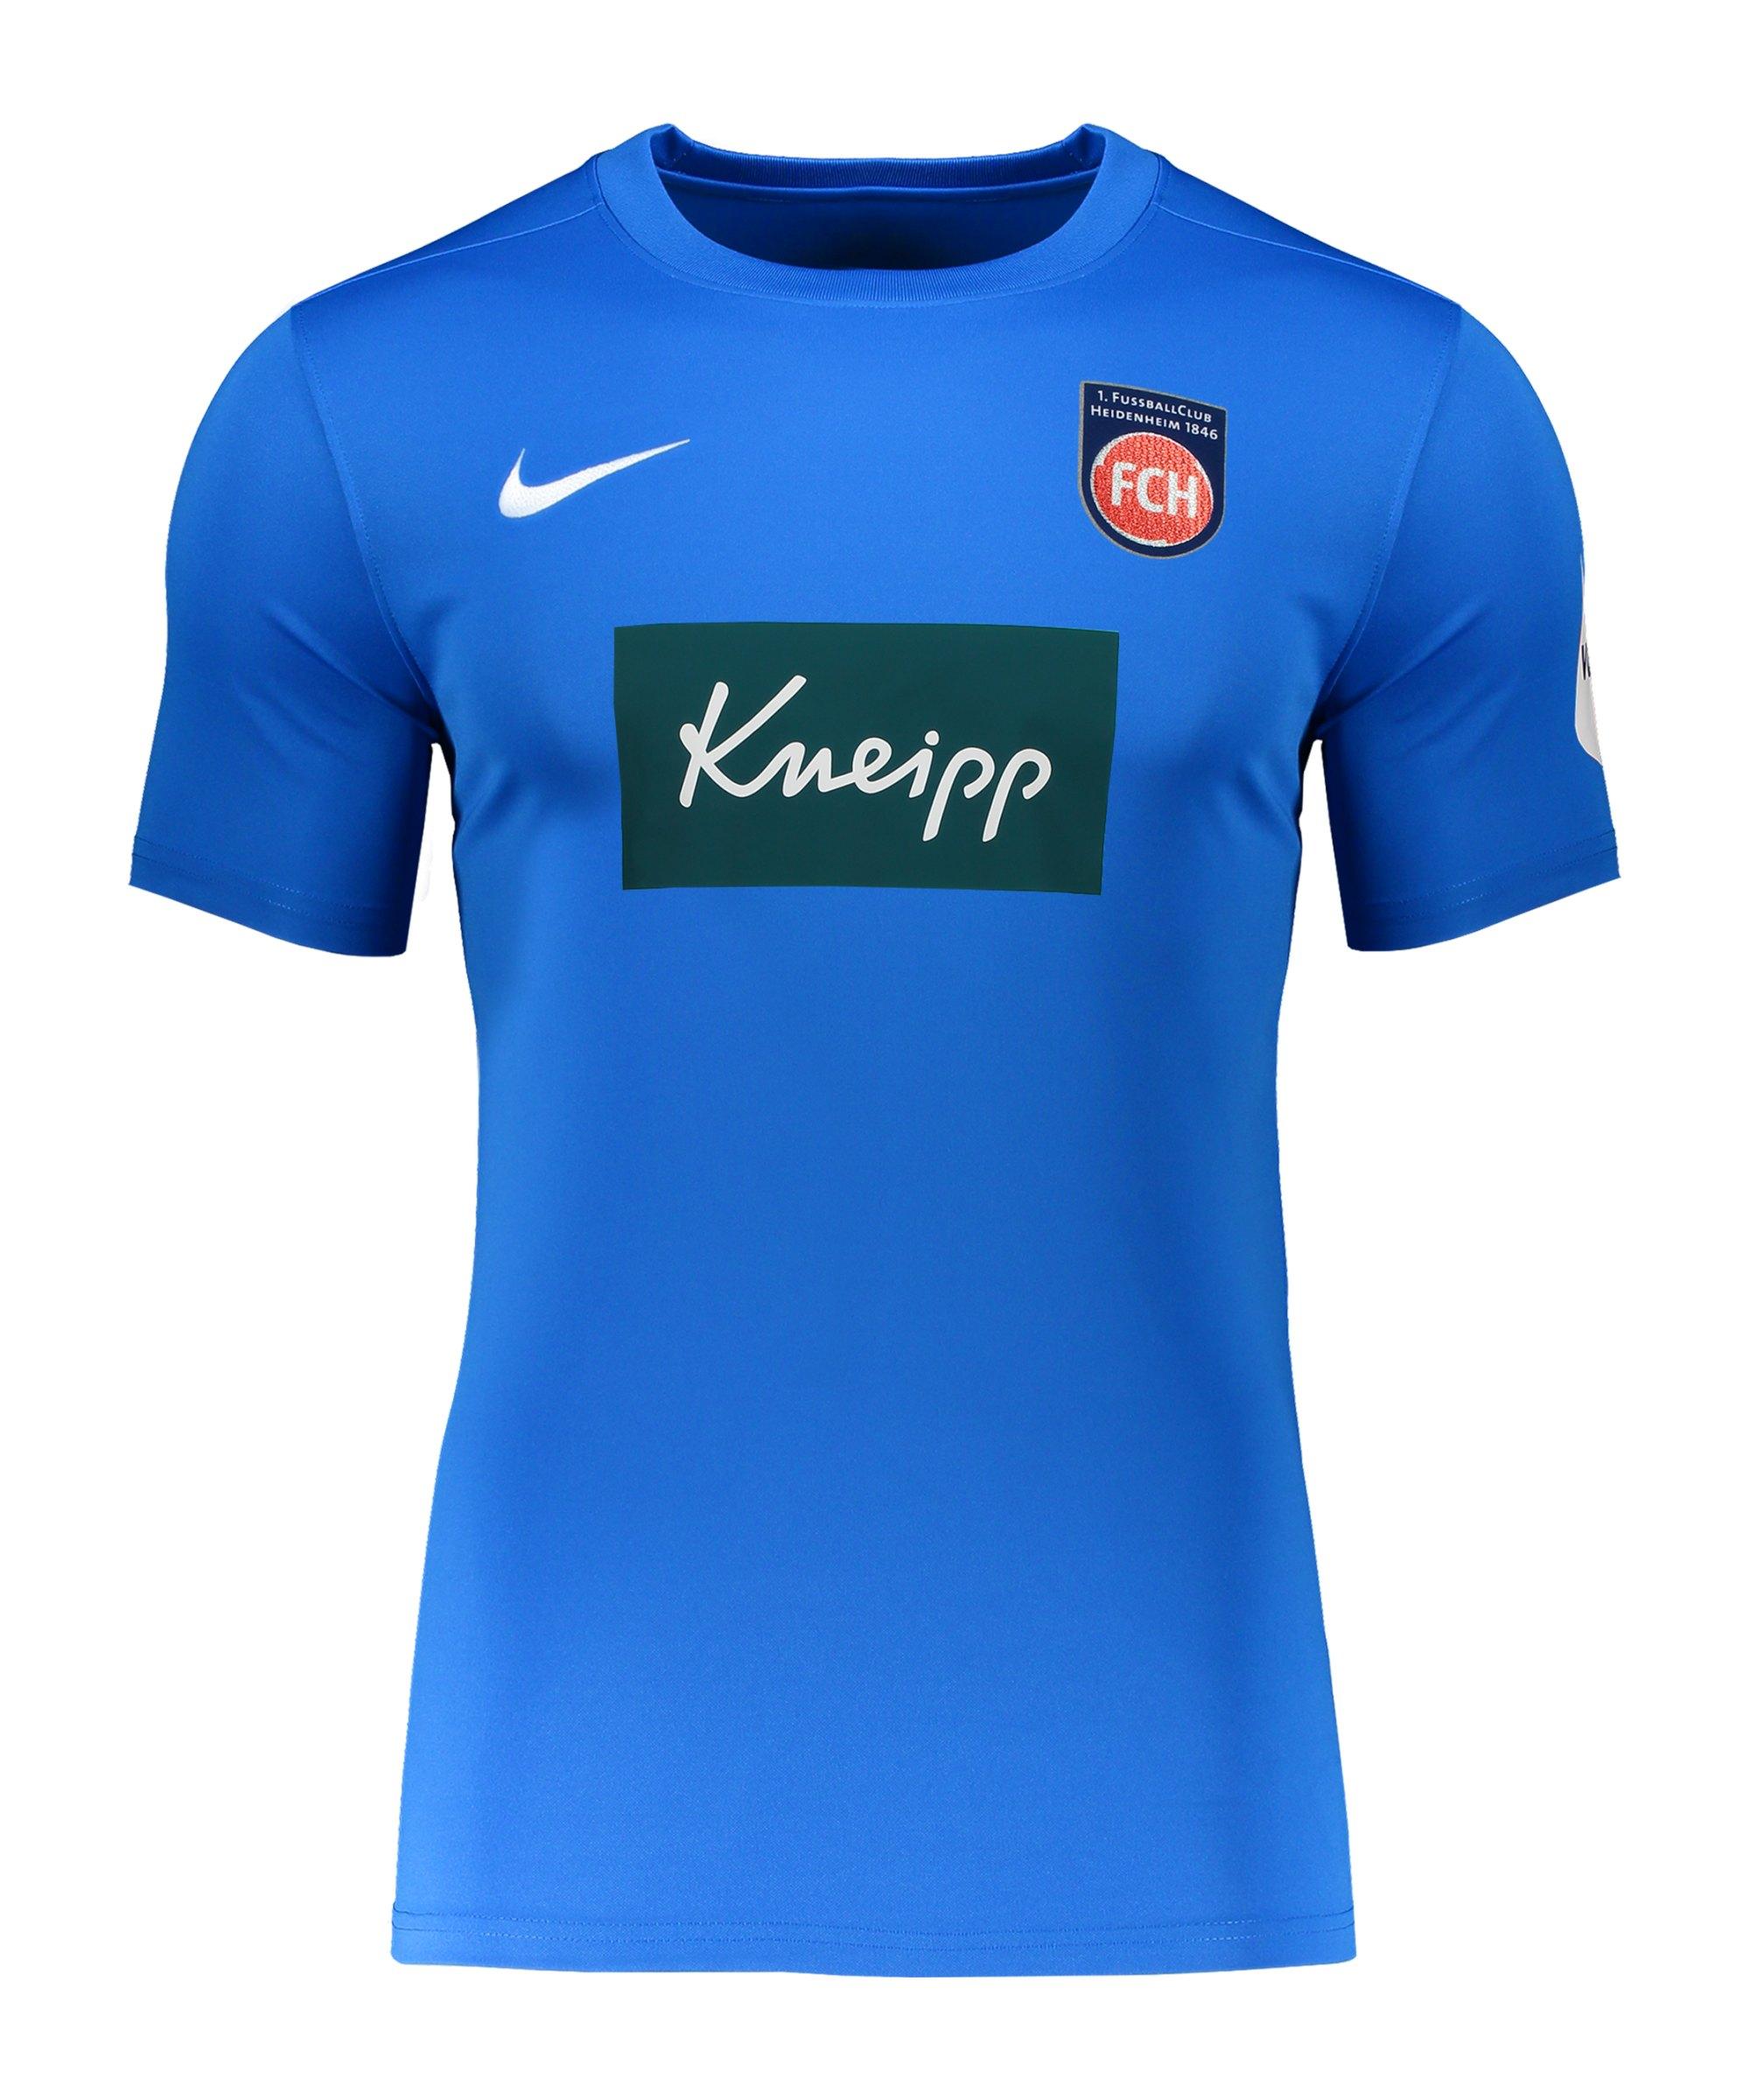 Nike 1. FC Heidenheim Trikot Away 2020/2021 Kids Blau F463 - blau